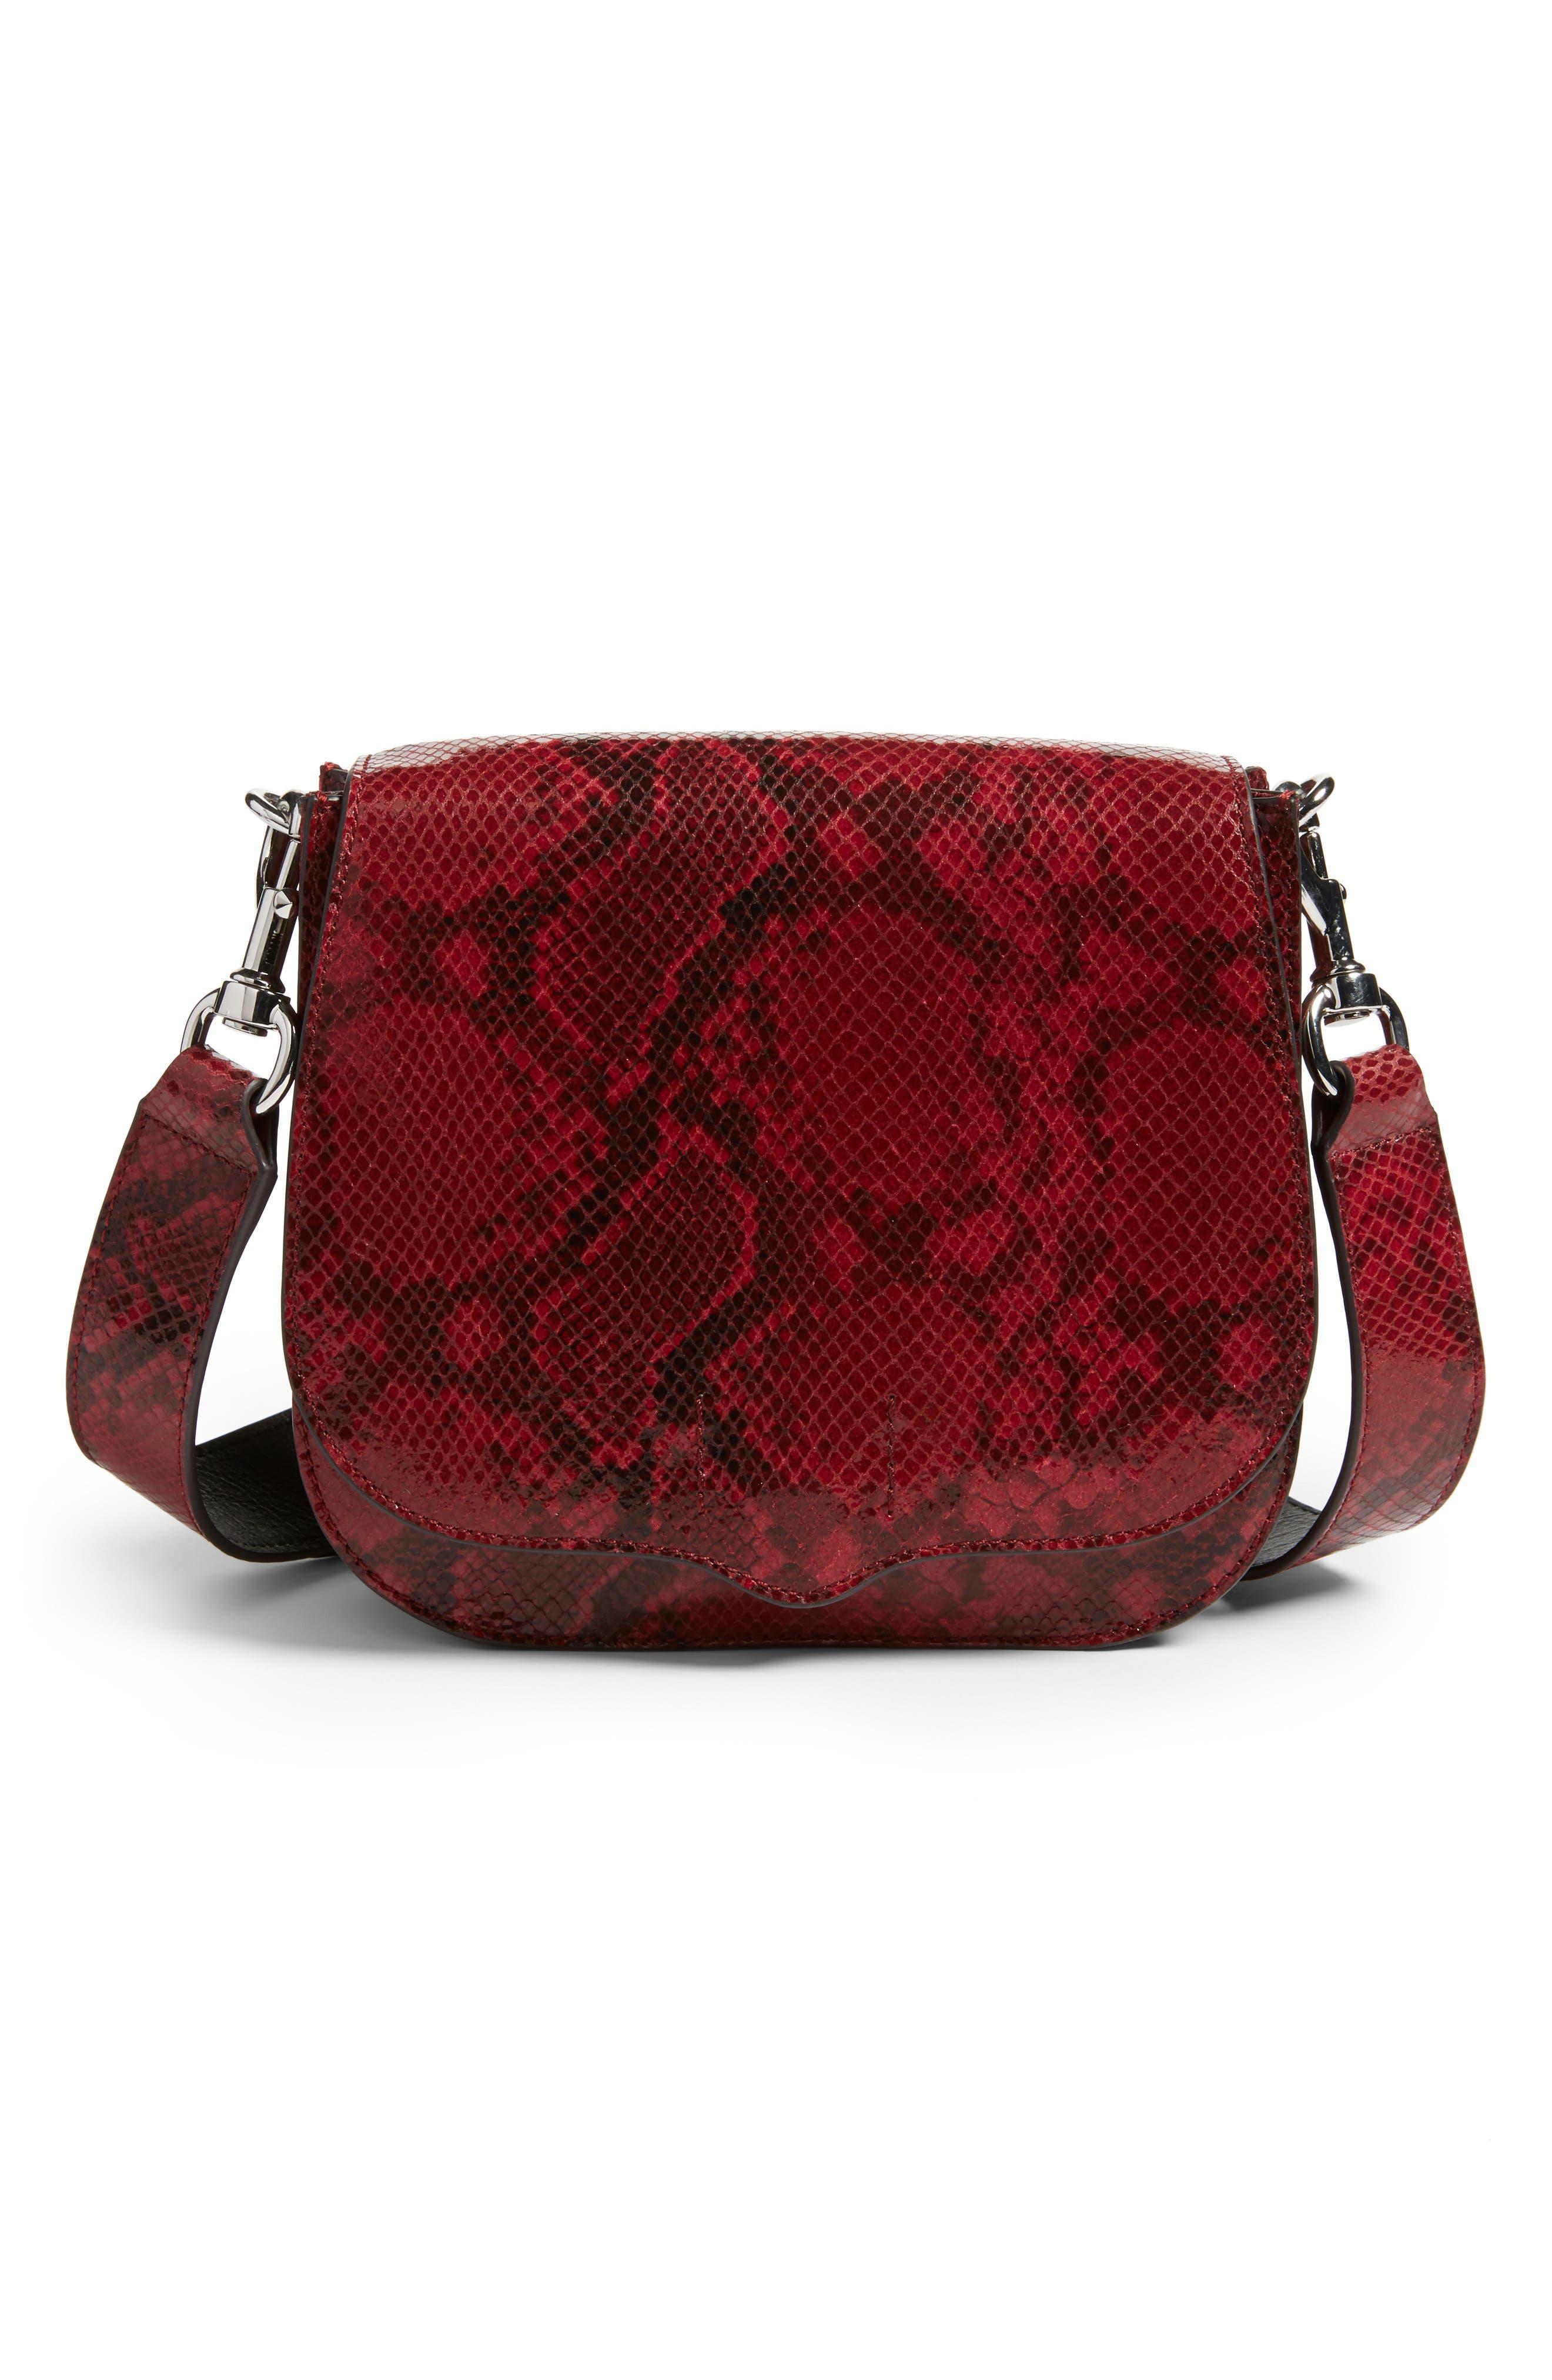 Rebecca Minkoff Large Sunday Leather Saddle Bag